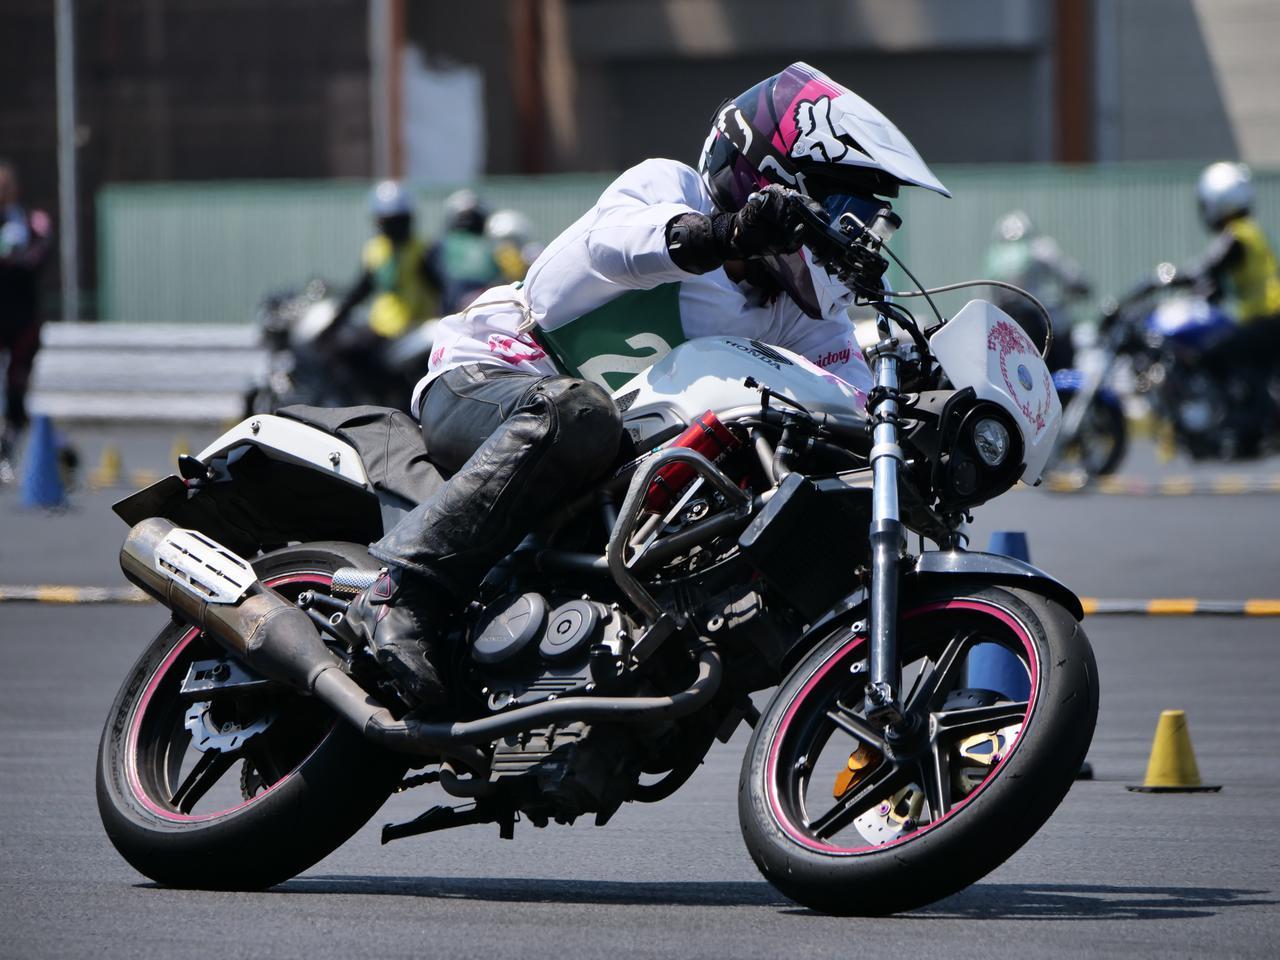 Images : 11番目の画像 - ジムカーナで活躍するホンダ「VTR」をもっと見る! - webオートバイ